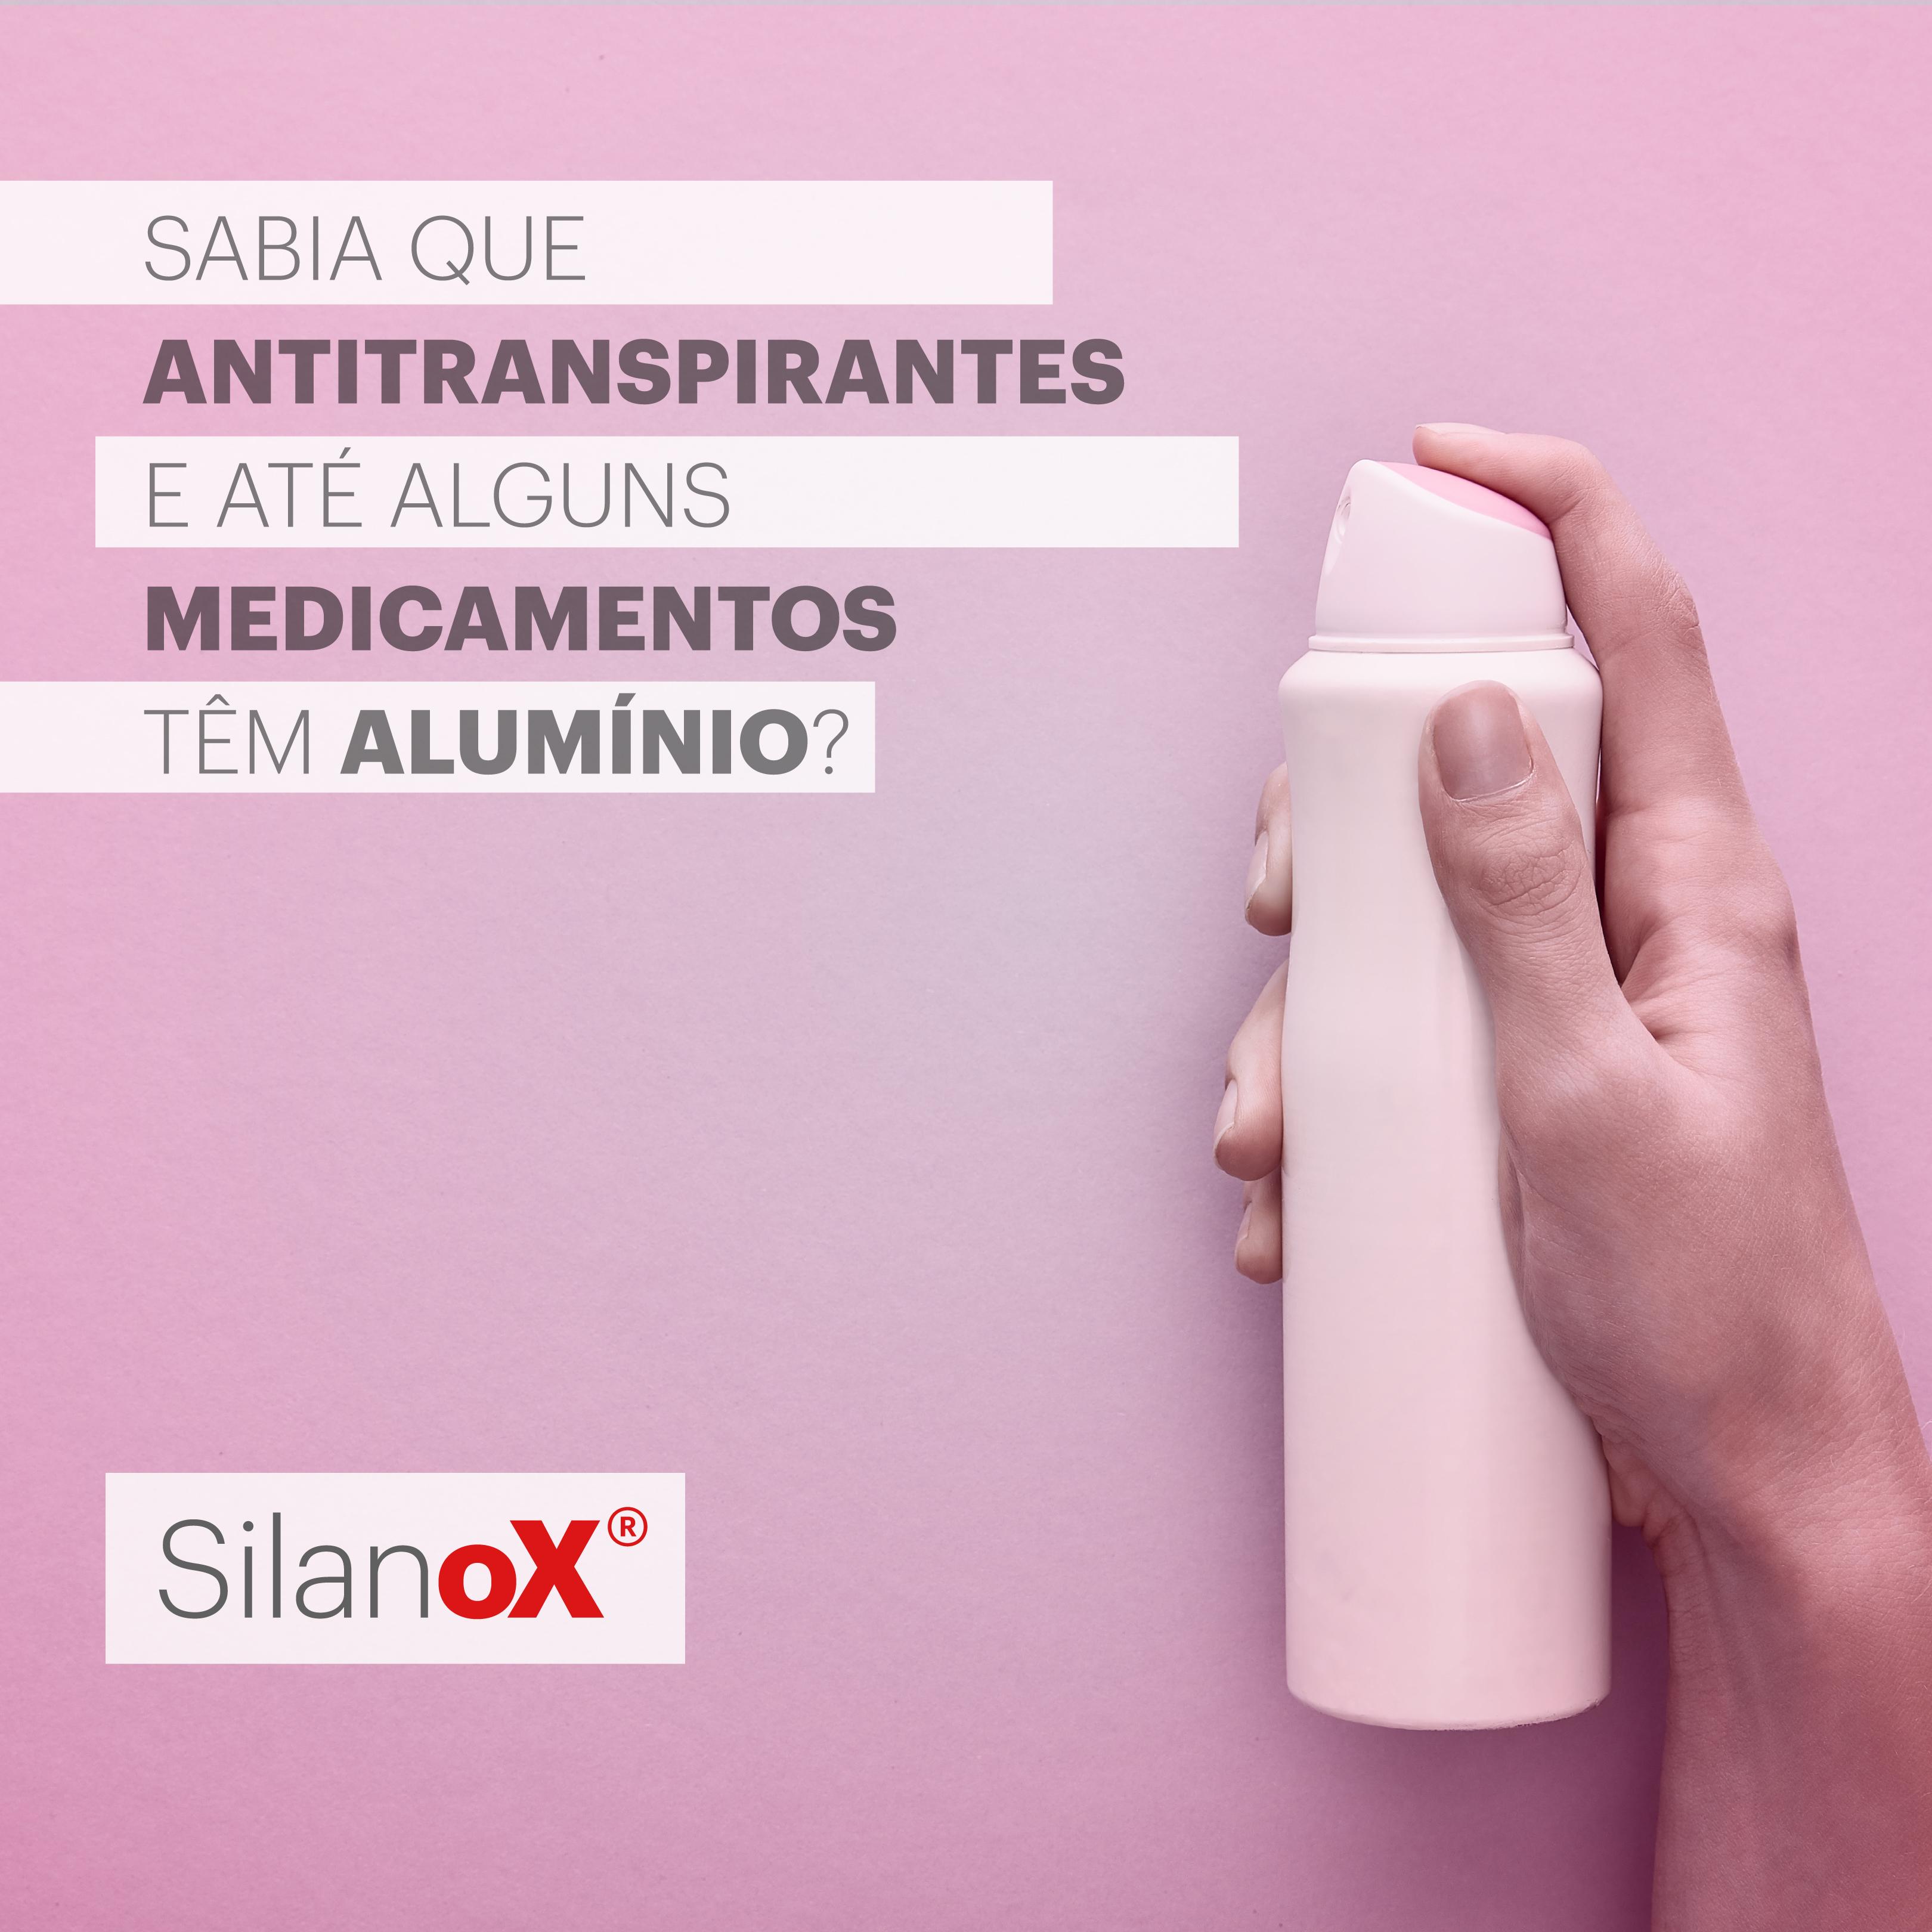 Silanox -Detox de alumínio